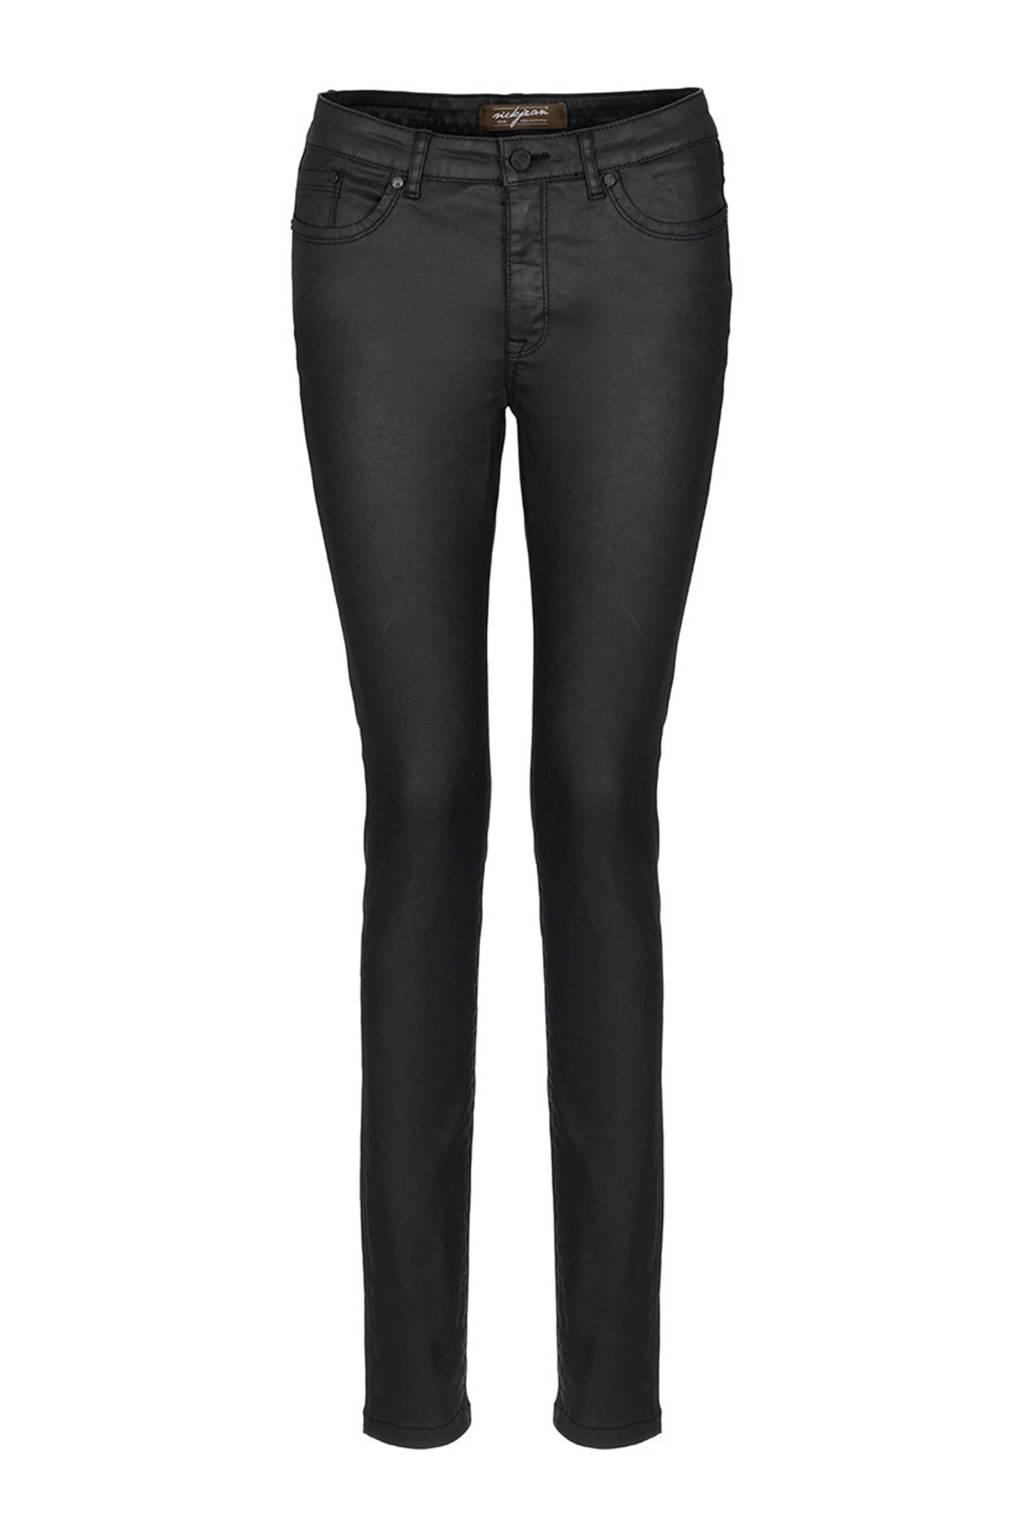 NickJean coated skinny broek zwart, Zwart